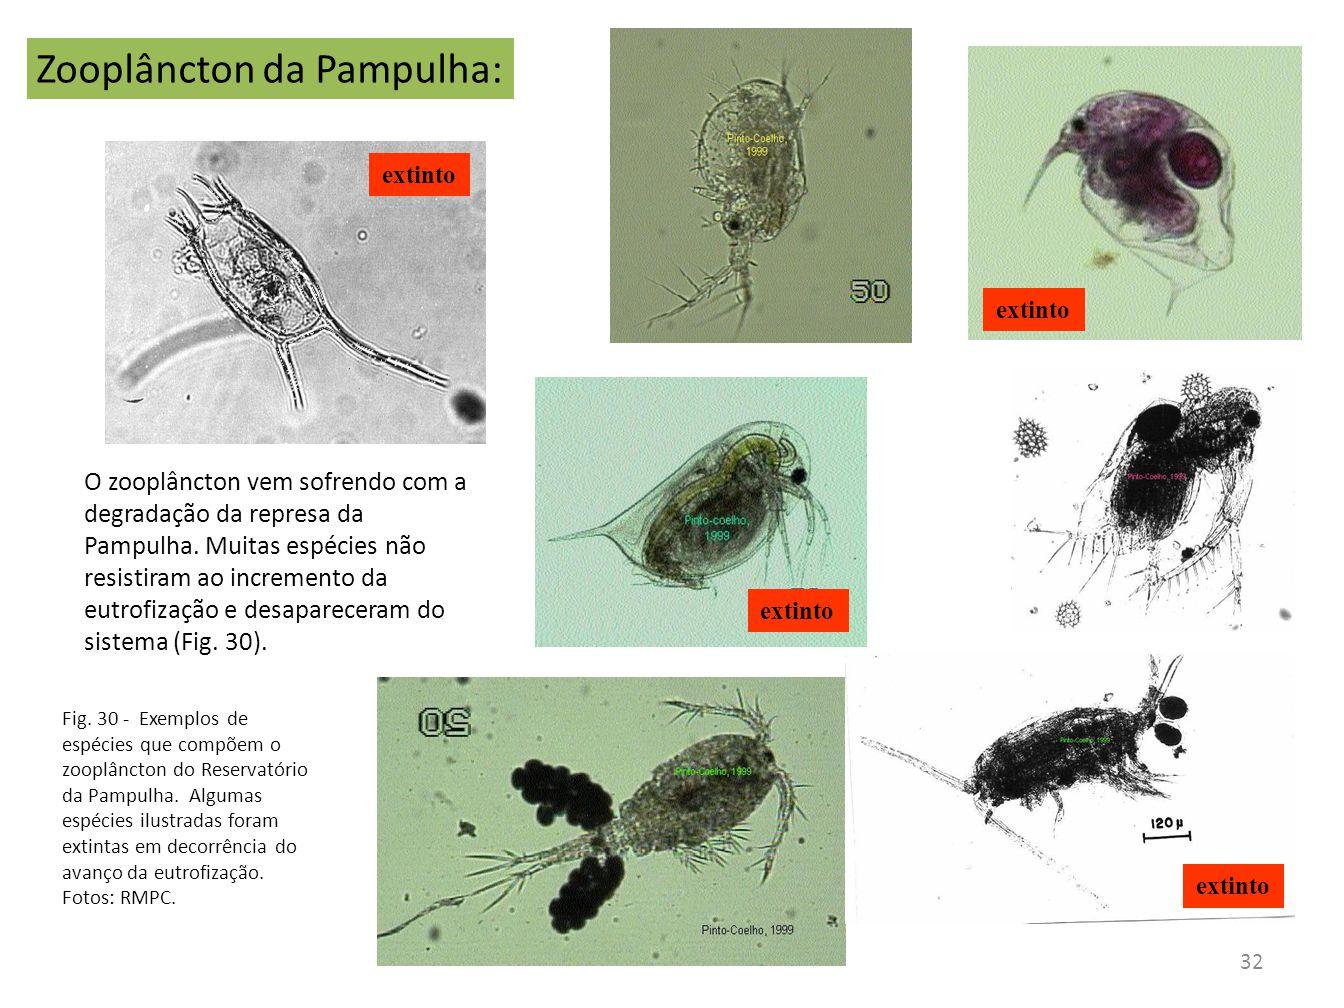 O zooplâncton vem sofrendo com a degradação da represa da Pampulha. Muitas espécies não resistiram ao incremento da eutrofização e desapareceram do si